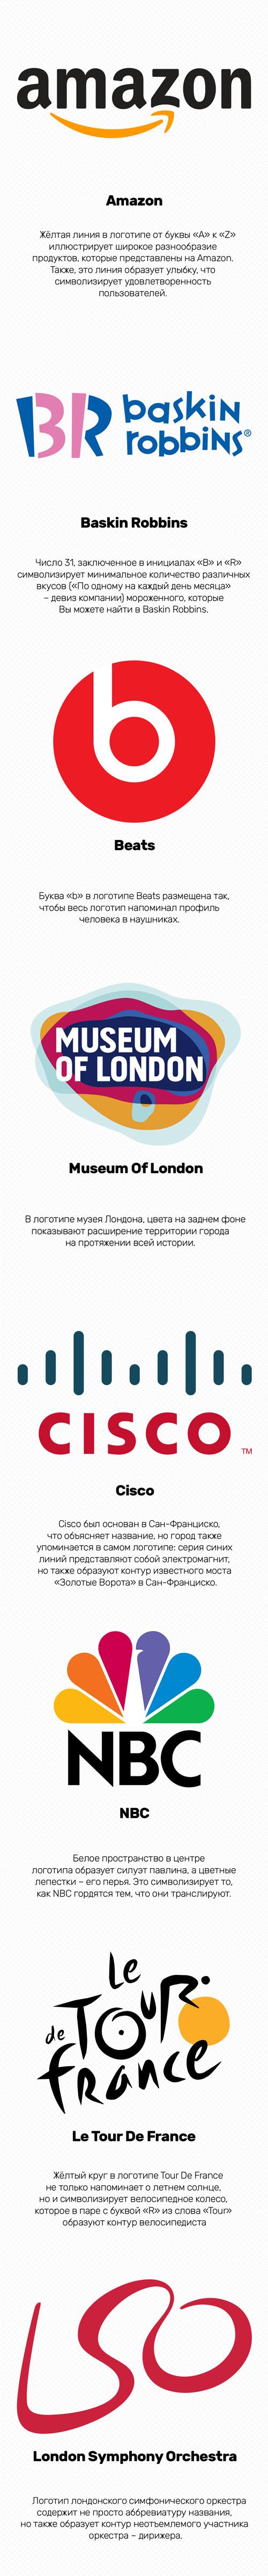 Скрытые сообщения в известных логотипах Логотип, Beats, Amazon, Cisco, Длиннопост